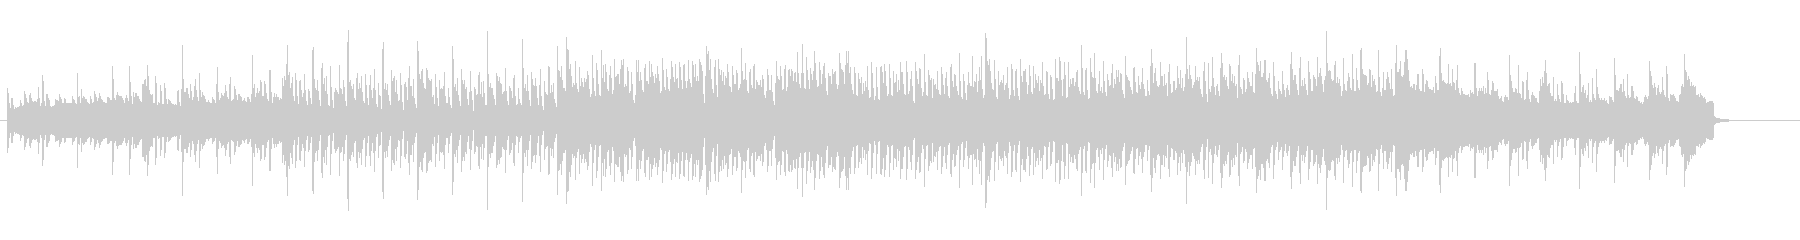 洗練されたエレクトリックなポップ/ロックの未再生の波形